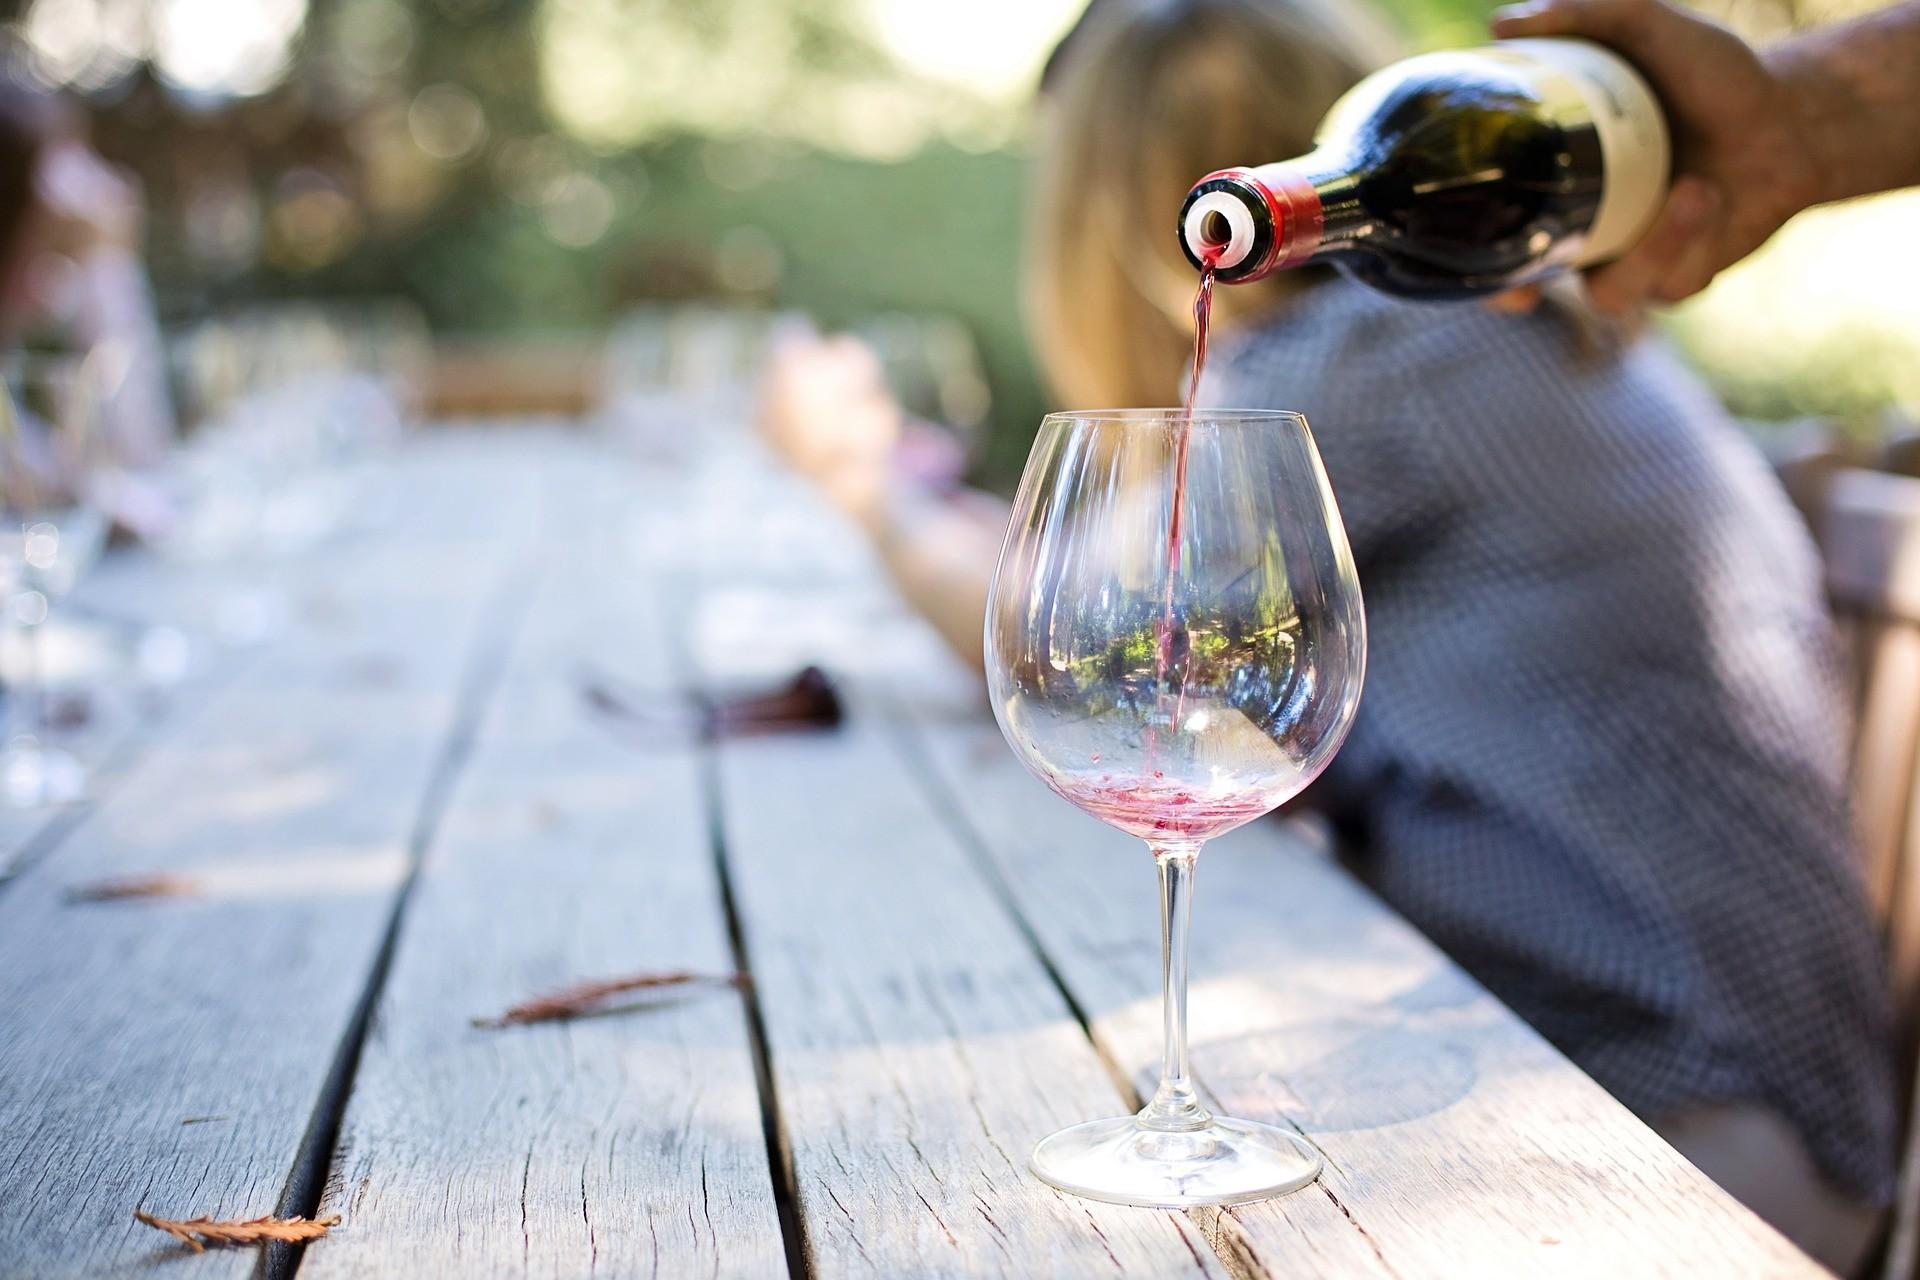 Jak rozpoznać zepsute wino po wyglądzie?